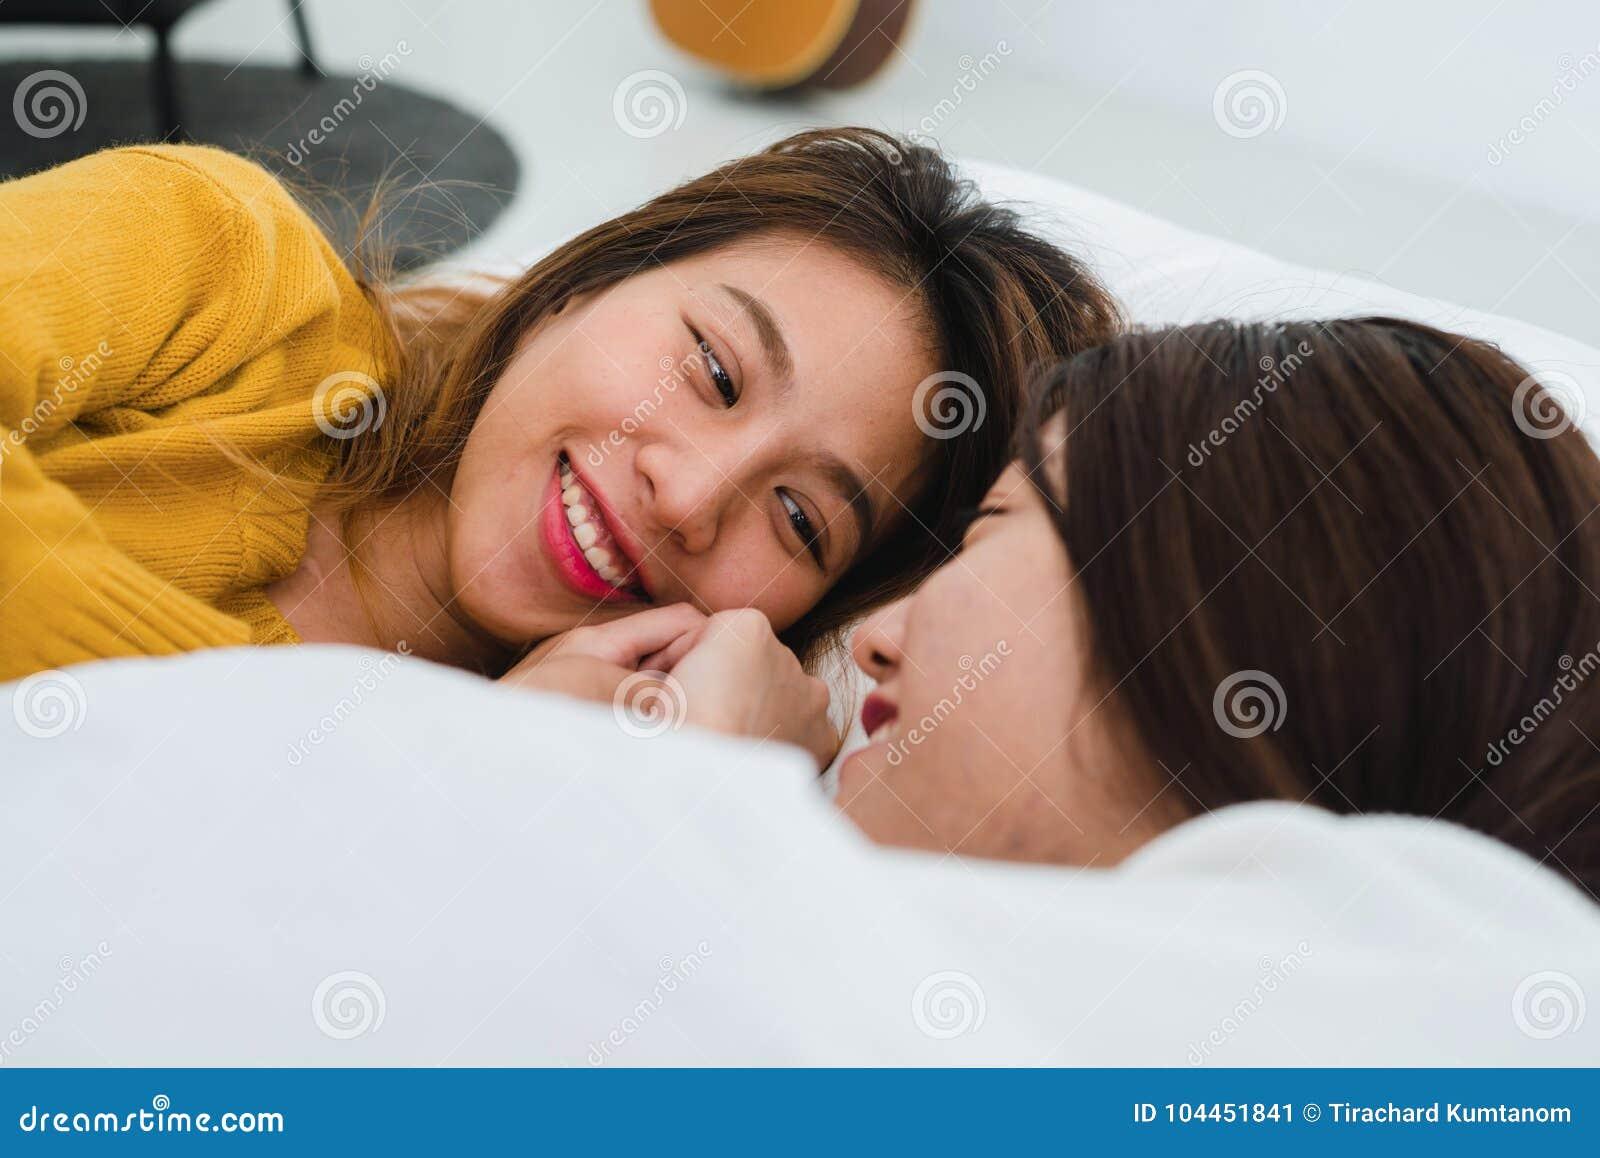 Asiatico lesbiche foto